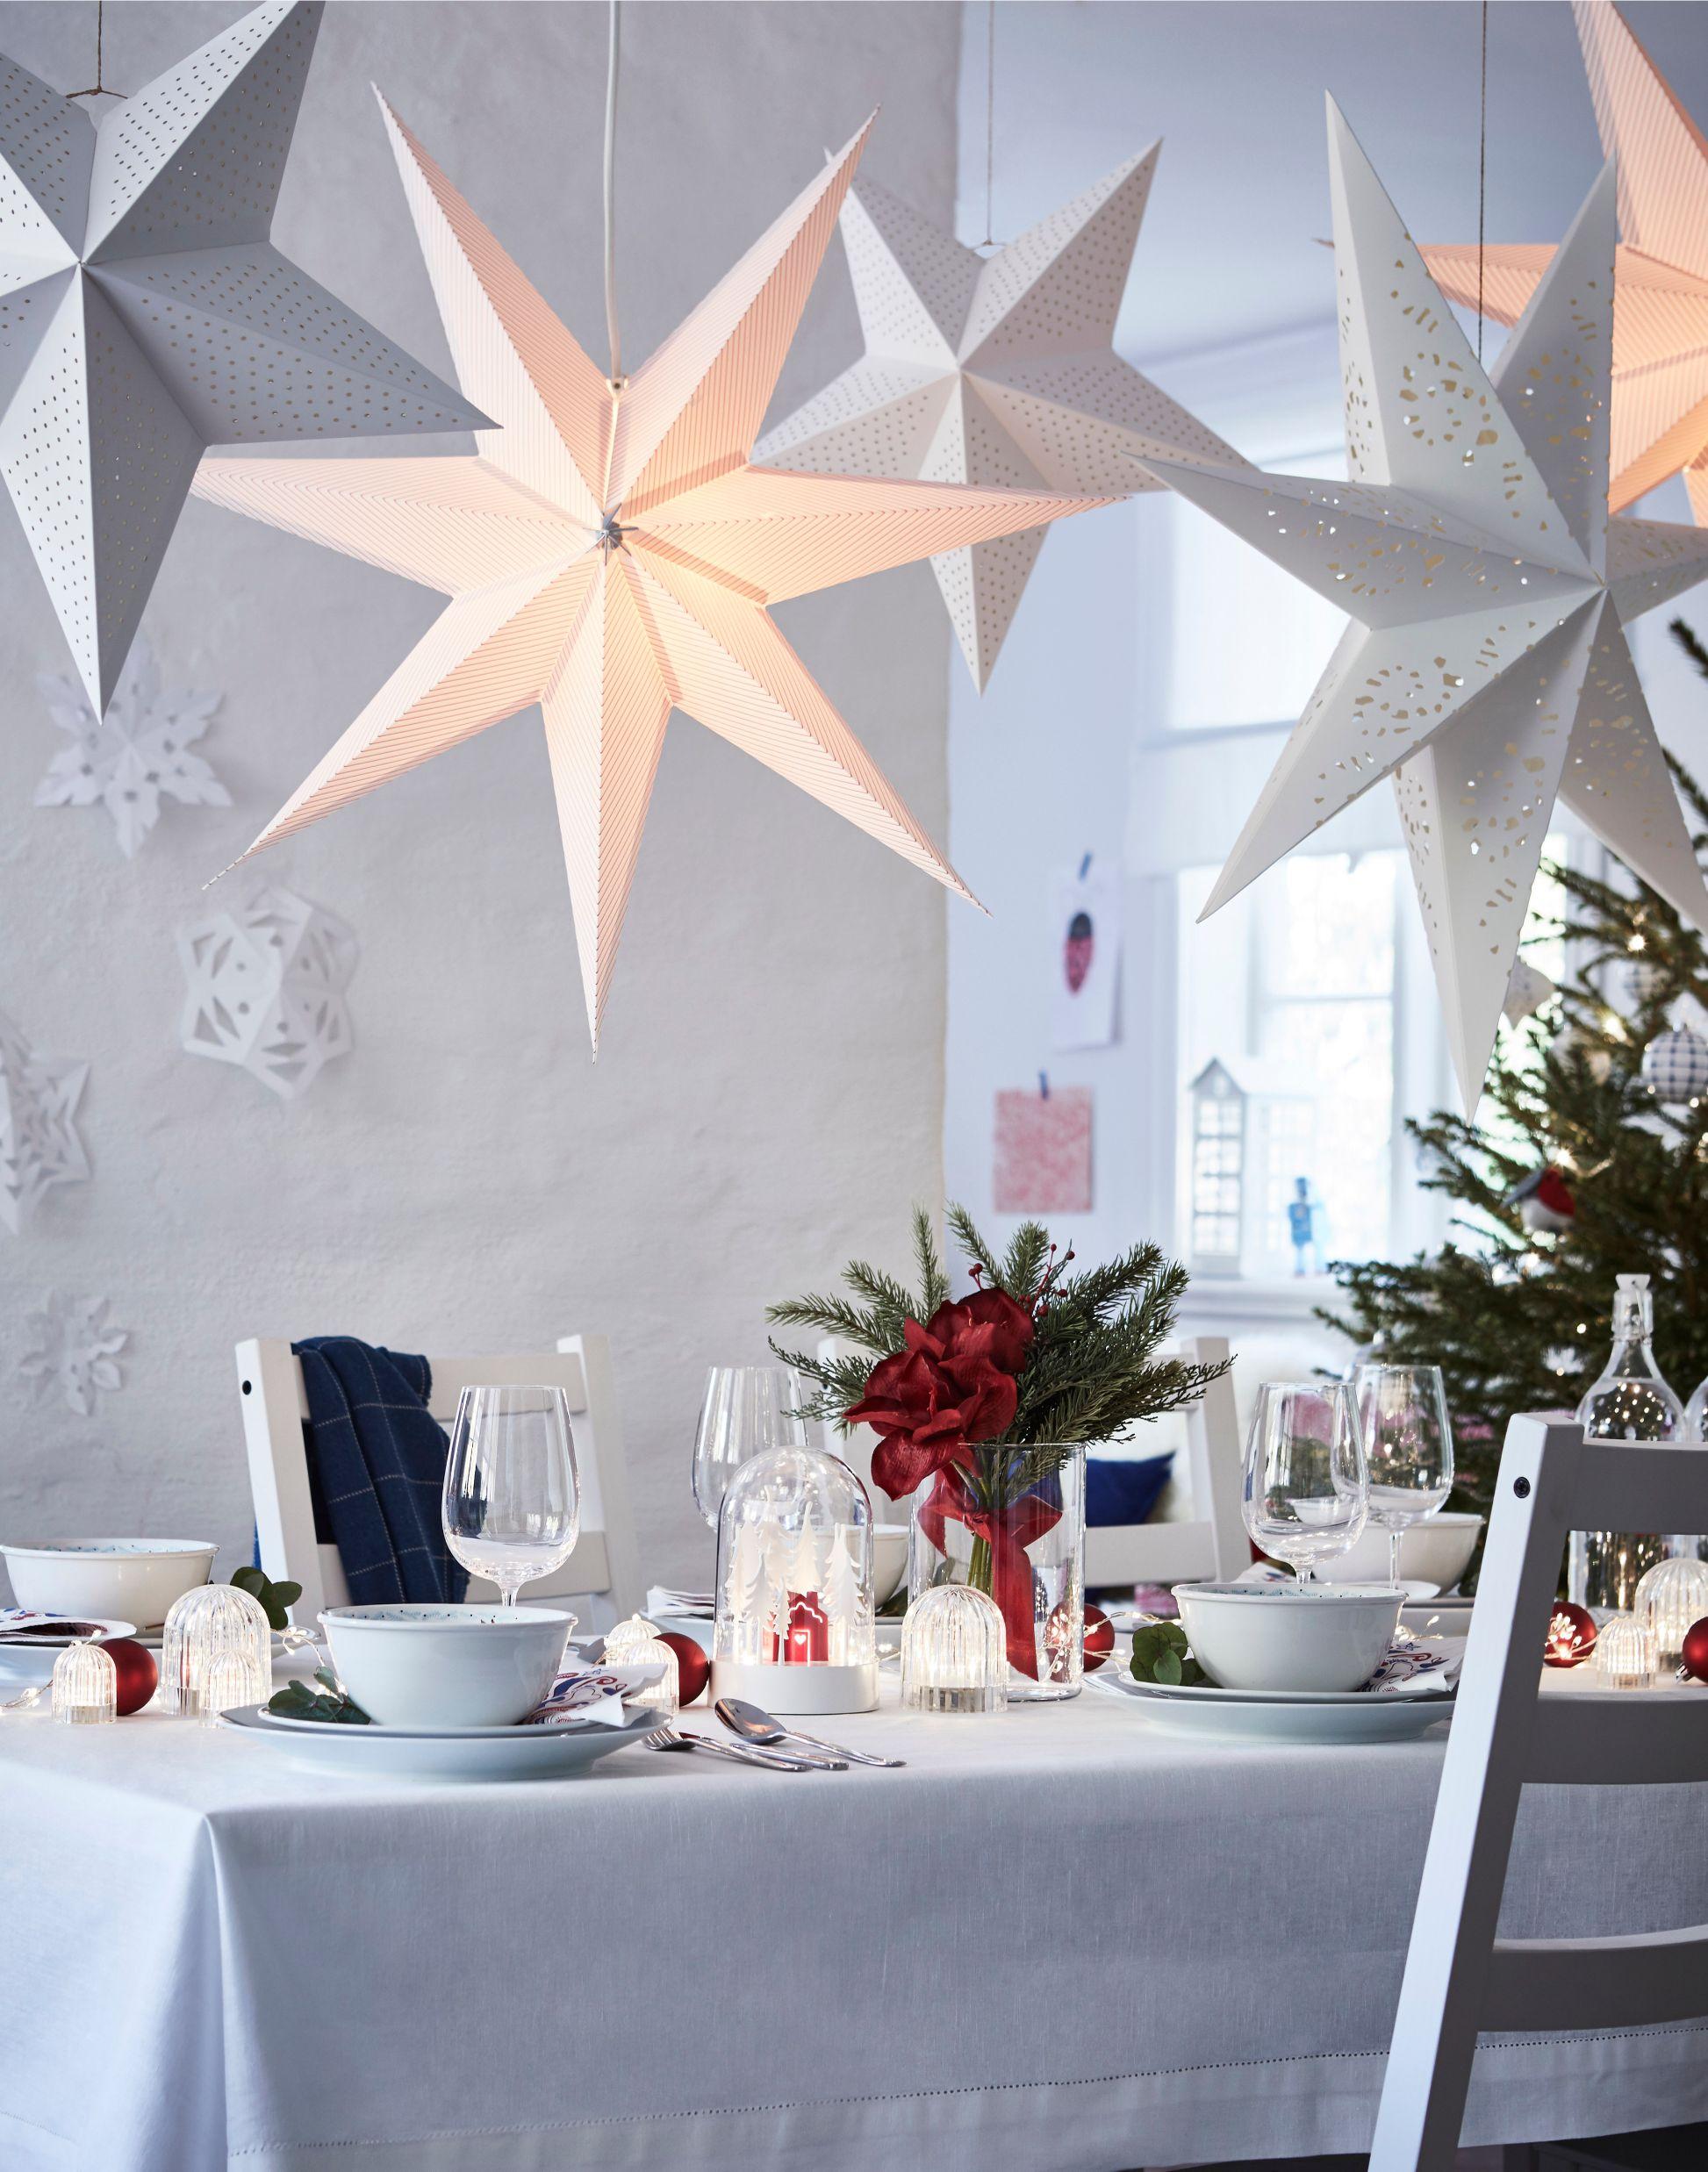 IKEA kerstcollectie 2019